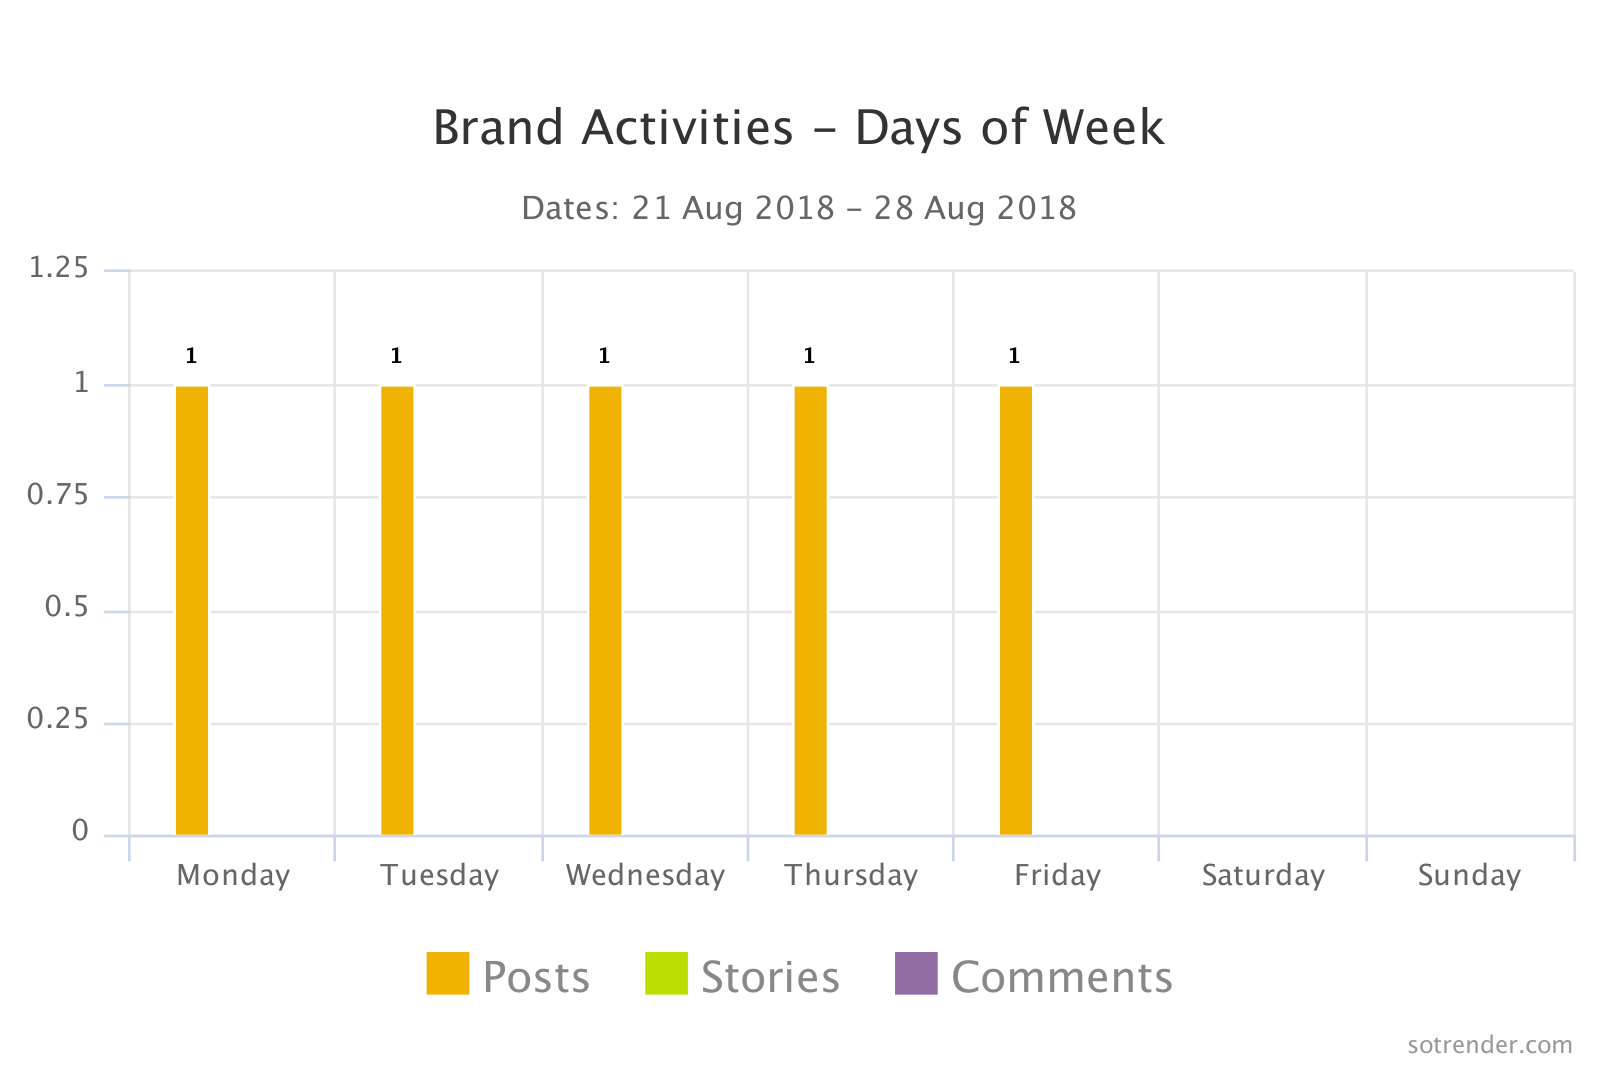 Brand Activities - Days of week